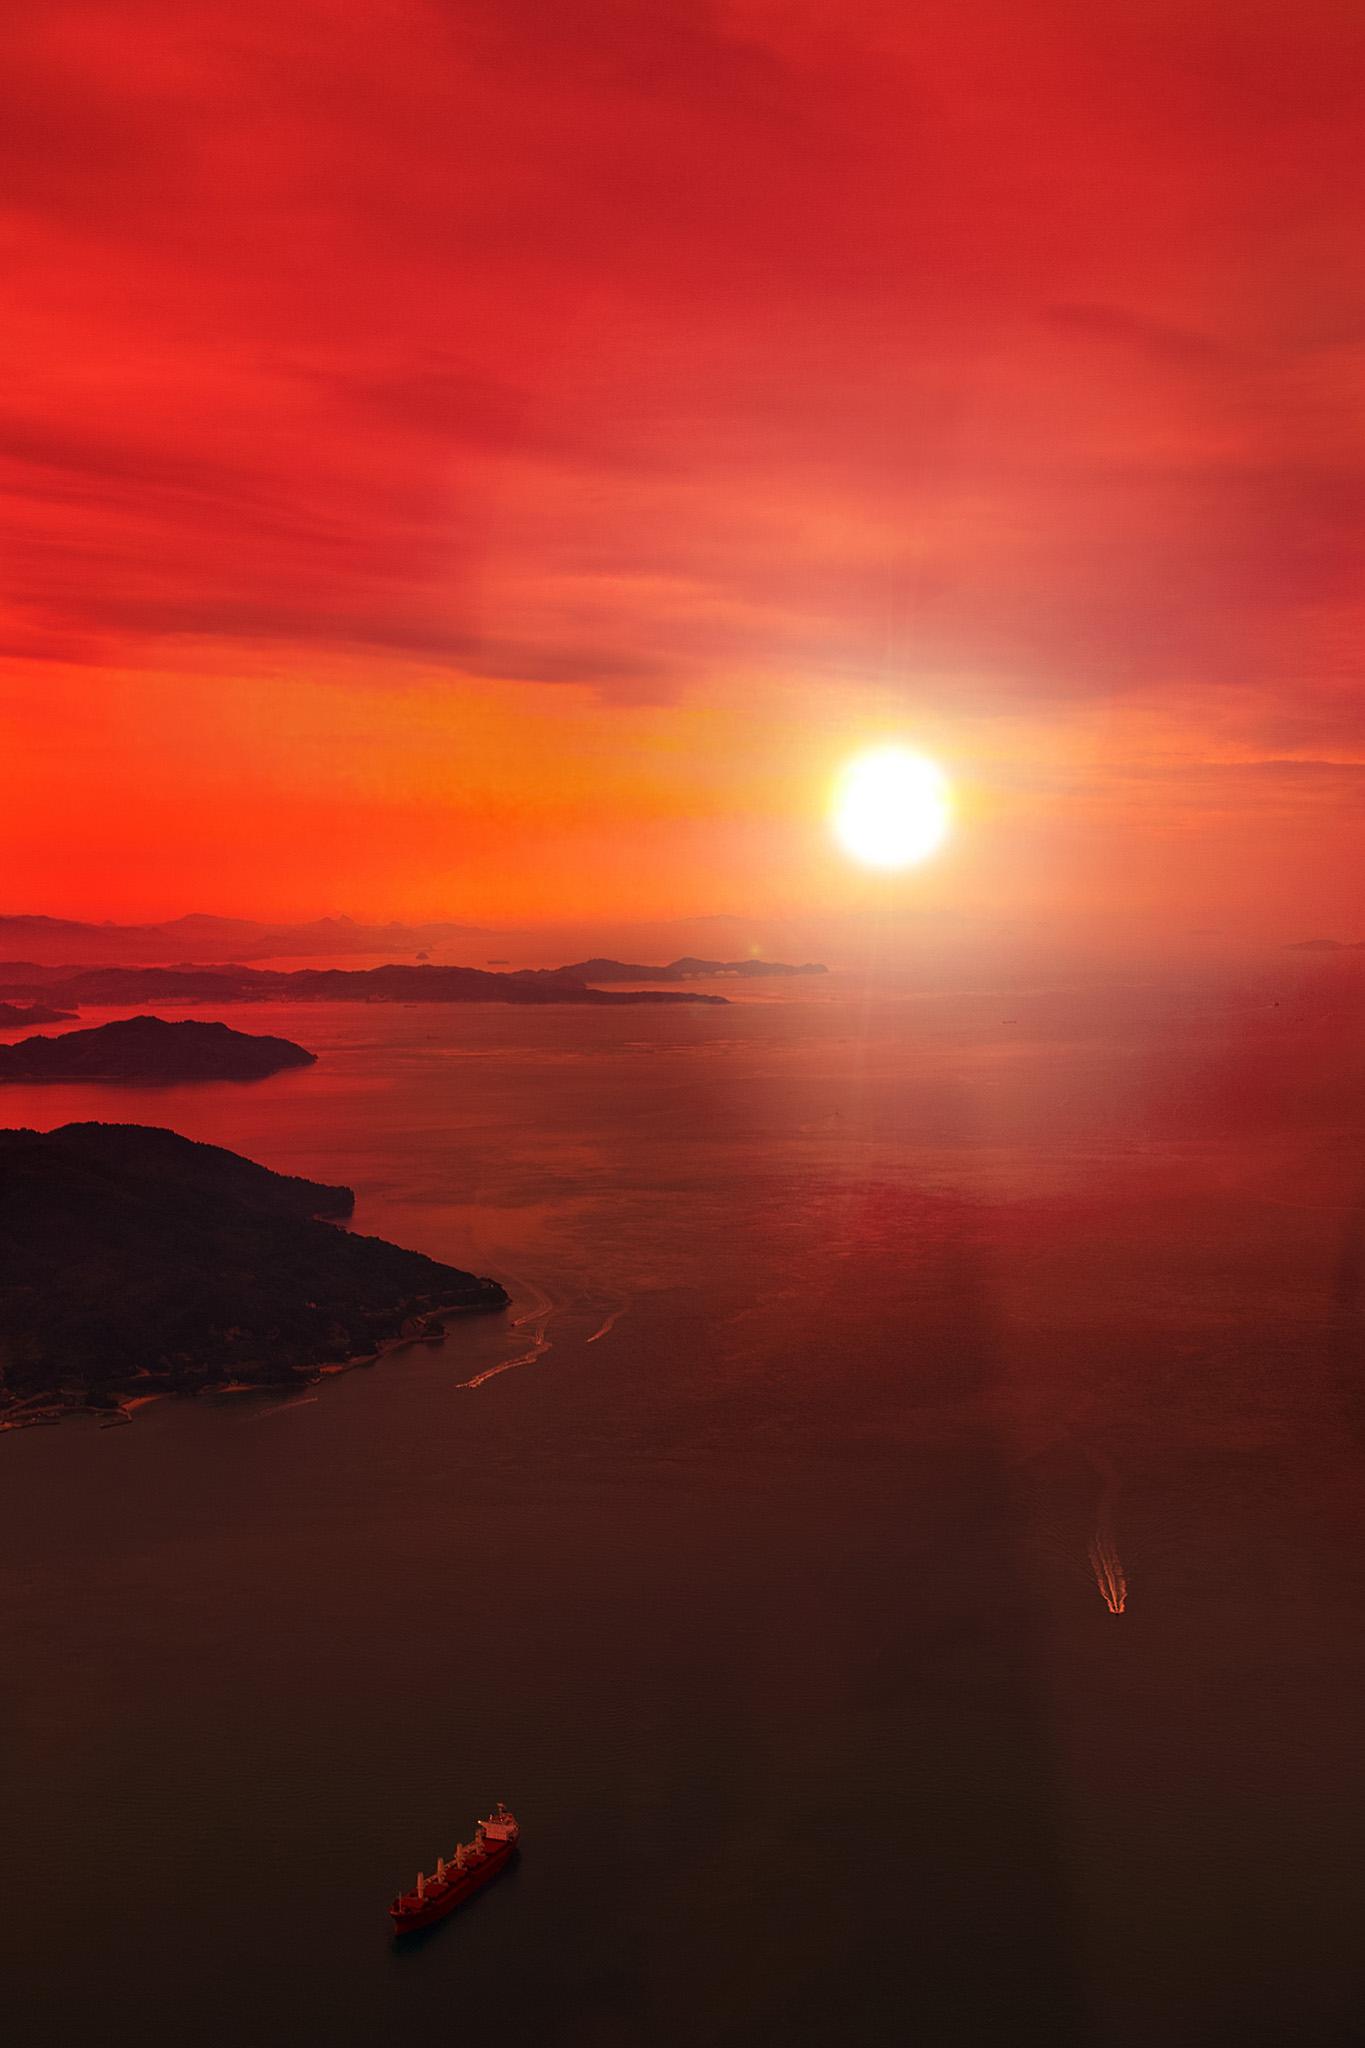 「夕日を浴びる瀬戸内の海」